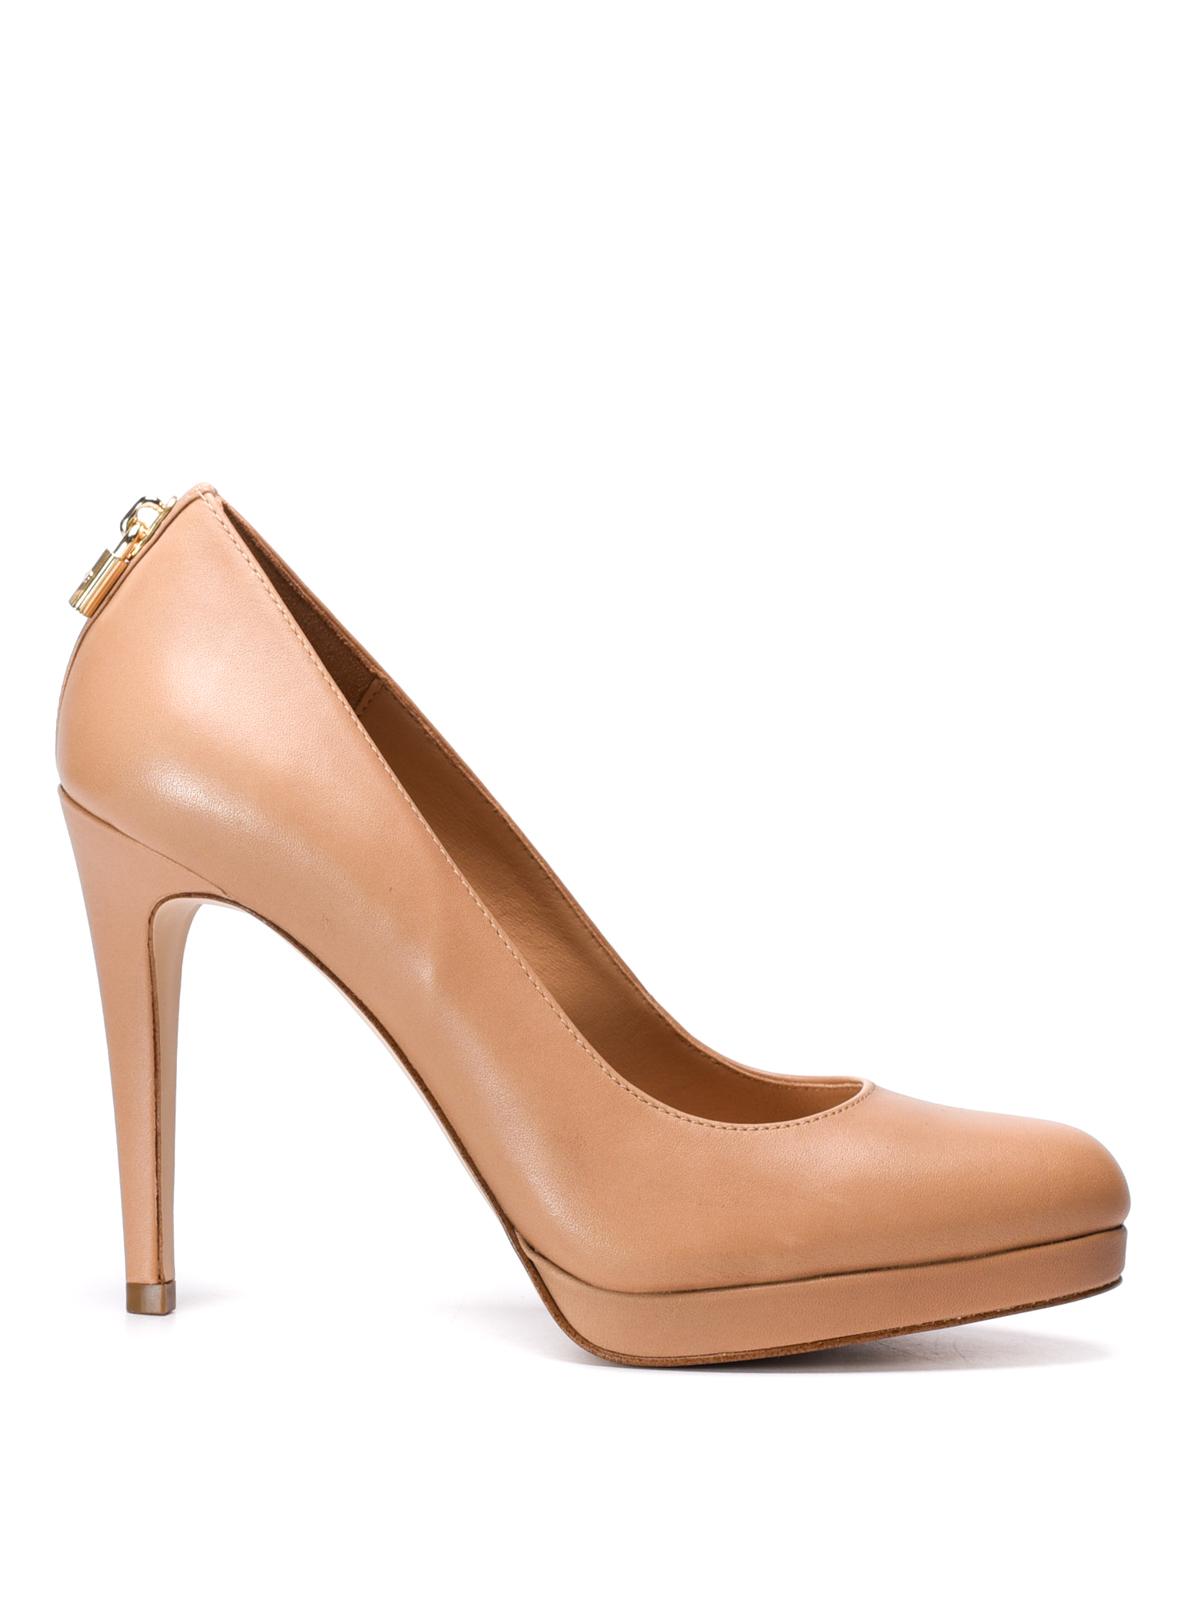 antoinette leather platform pumps by michael kors court shoes ikrix. Black Bedroom Furniture Sets. Home Design Ideas